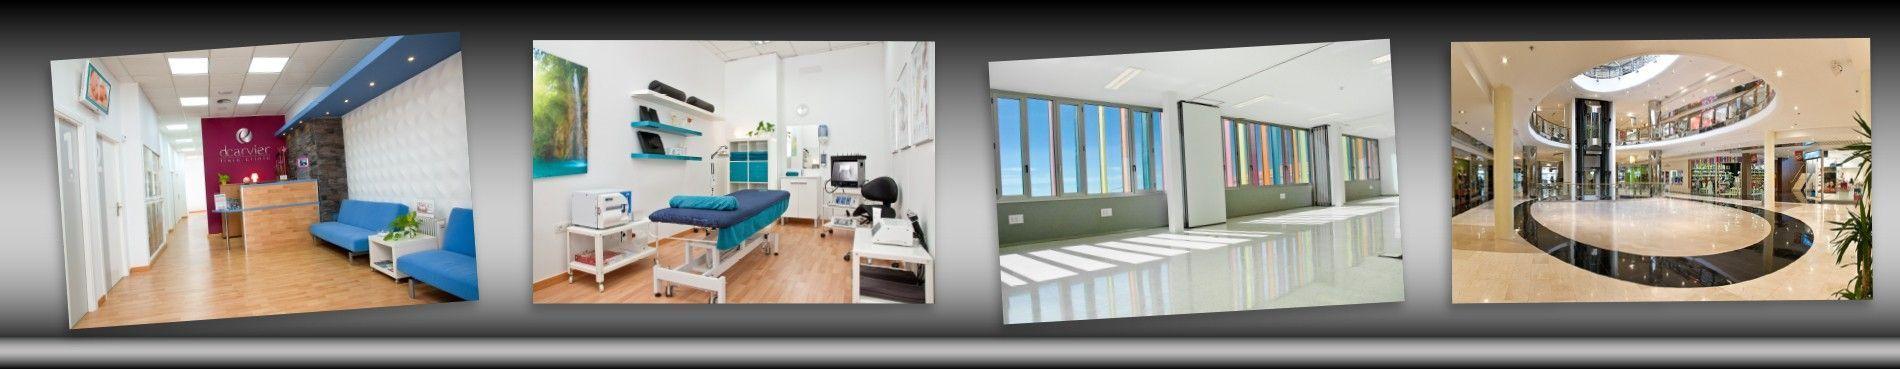 Slider_foto-interiores-4